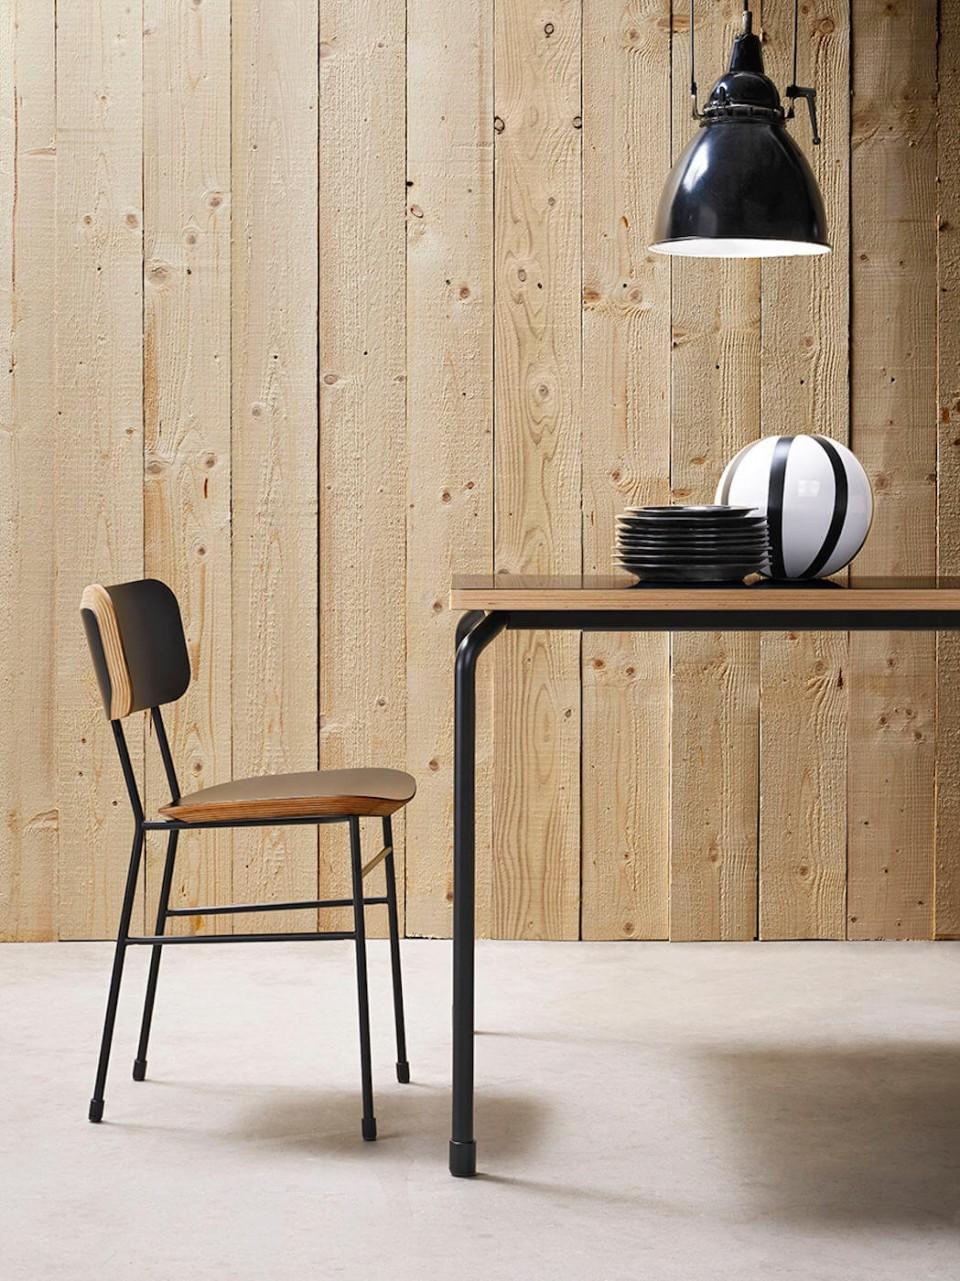 Chaise Master avec base en métal à quatre pieds et assise en bois